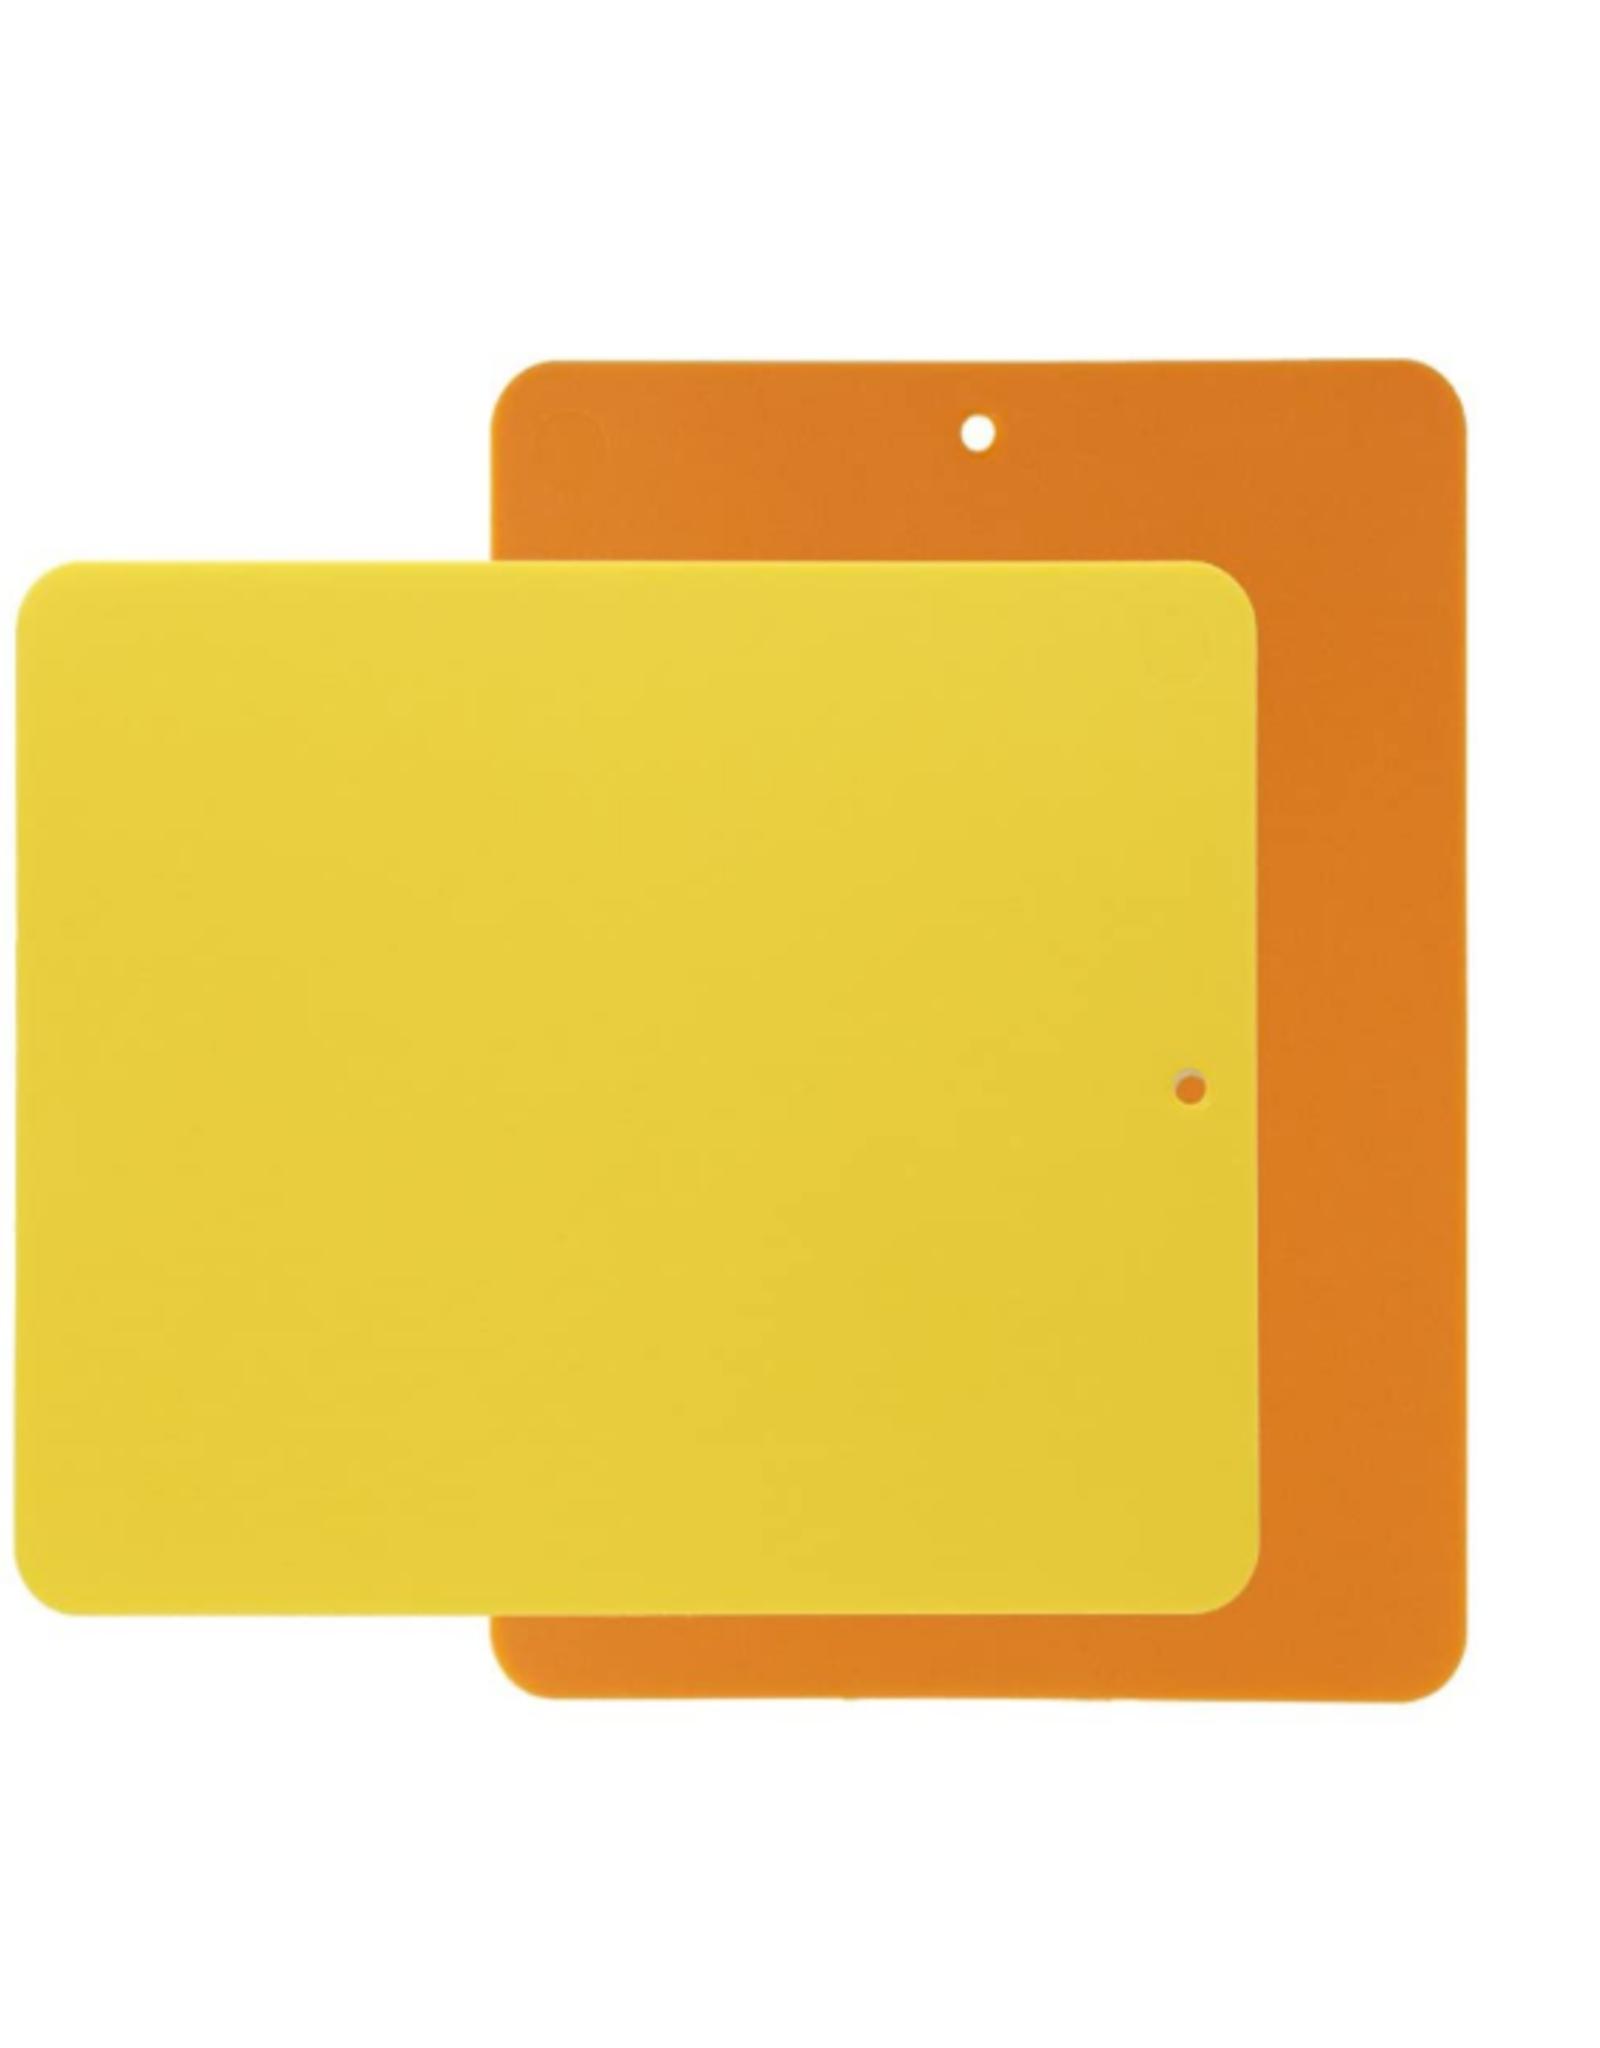 Linden Bendy Cutting Board 2-pk yellow/orange